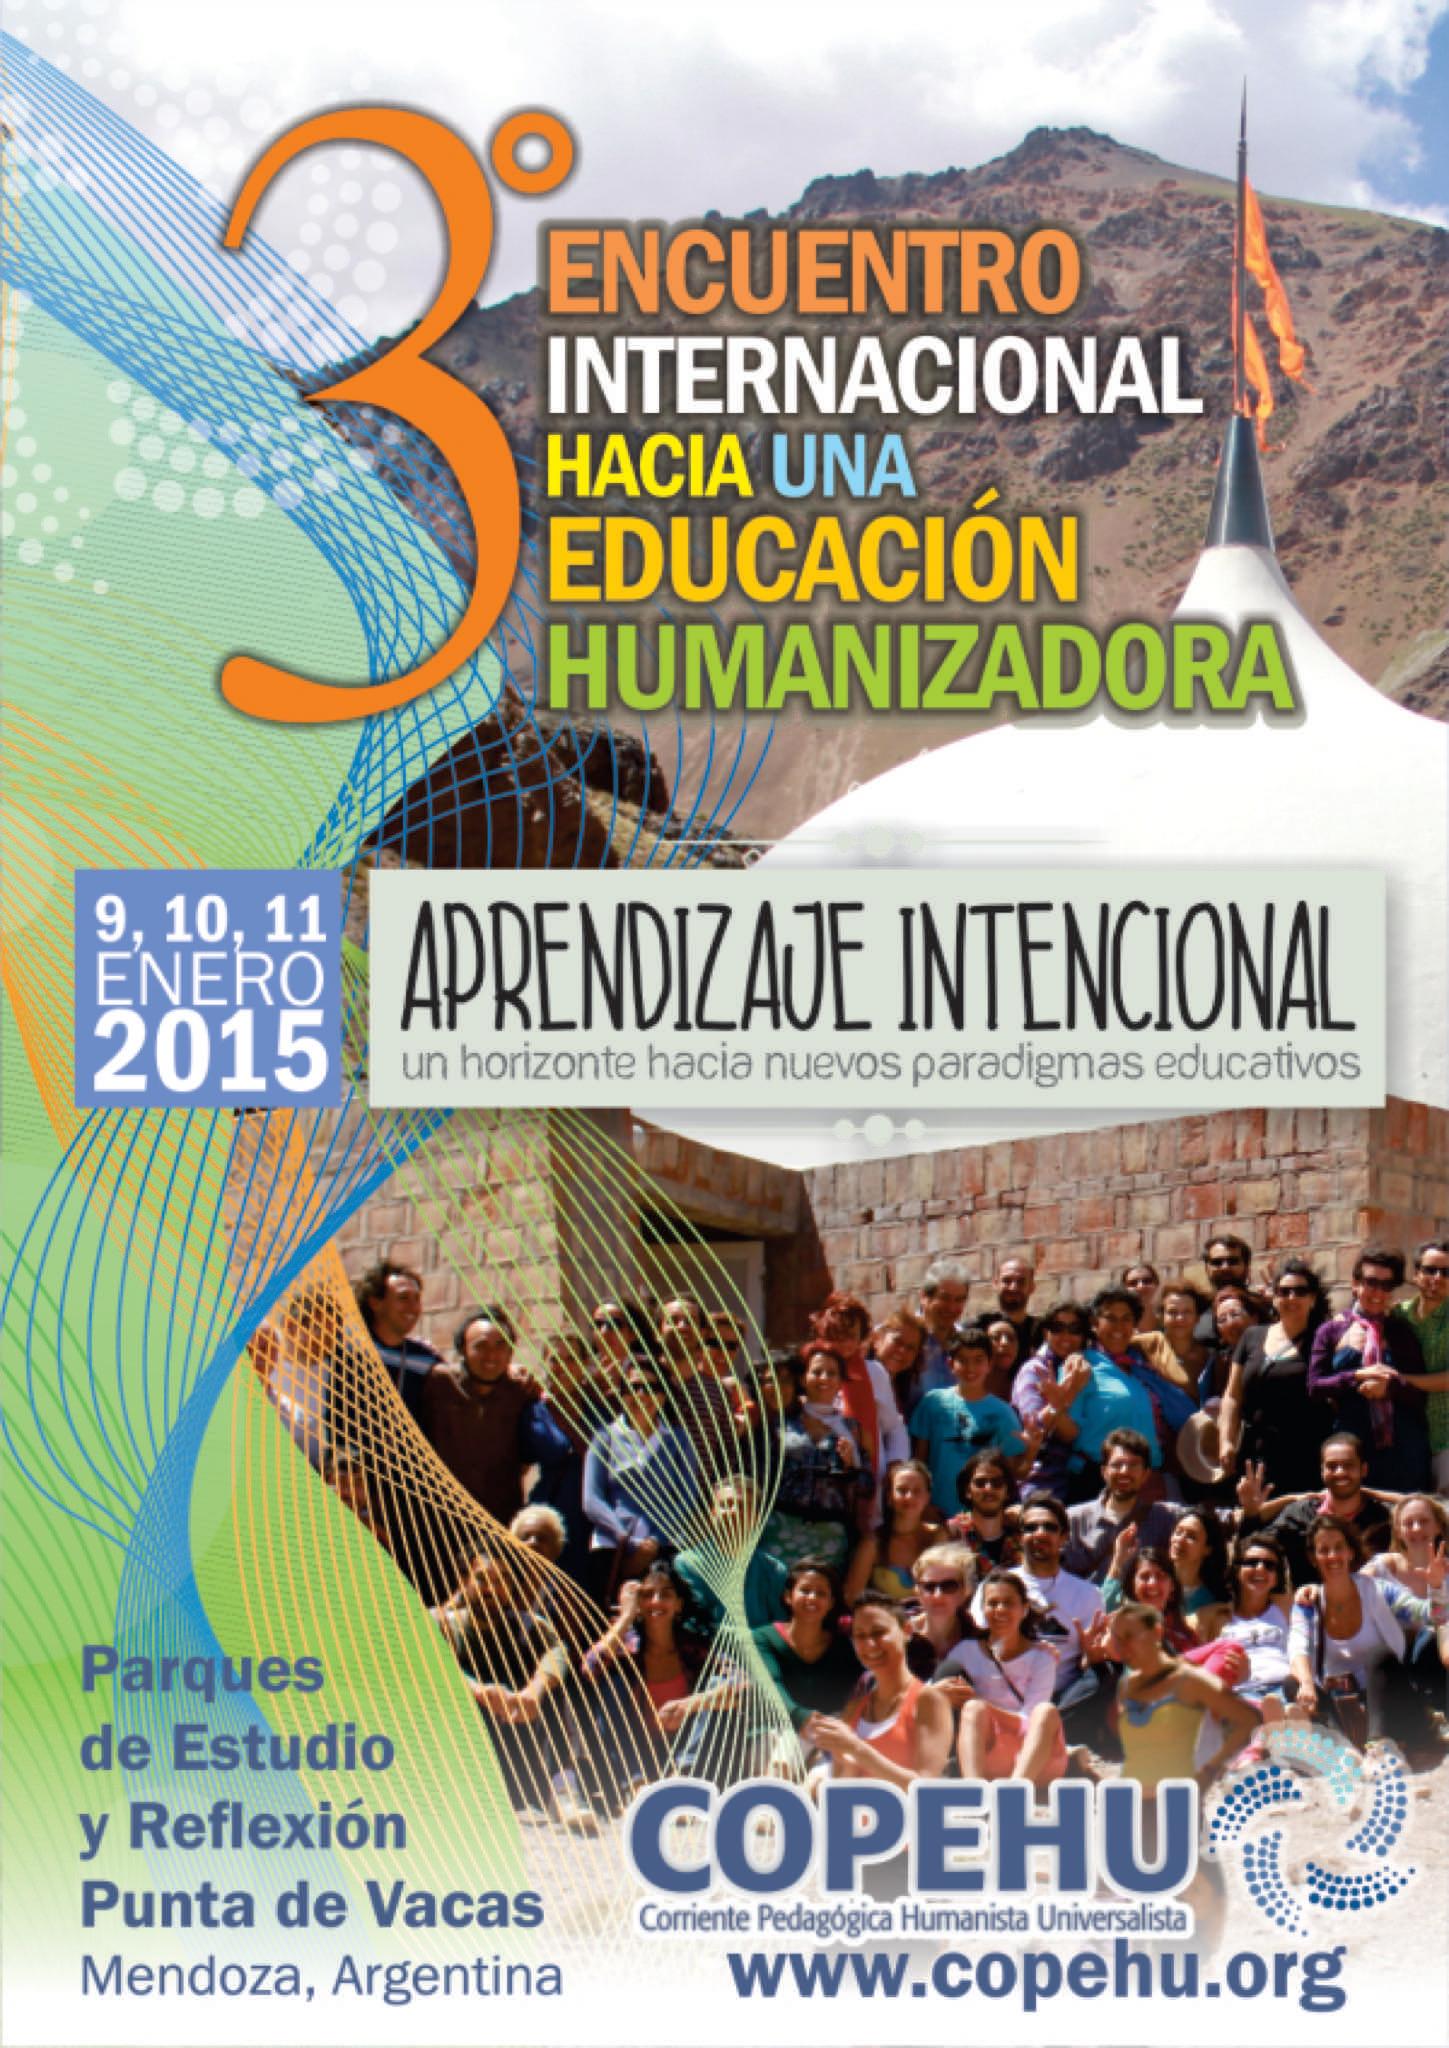 """Incontro Internazionale """"Verso un'educazione umanizzatrice"""" nelle Ande"""